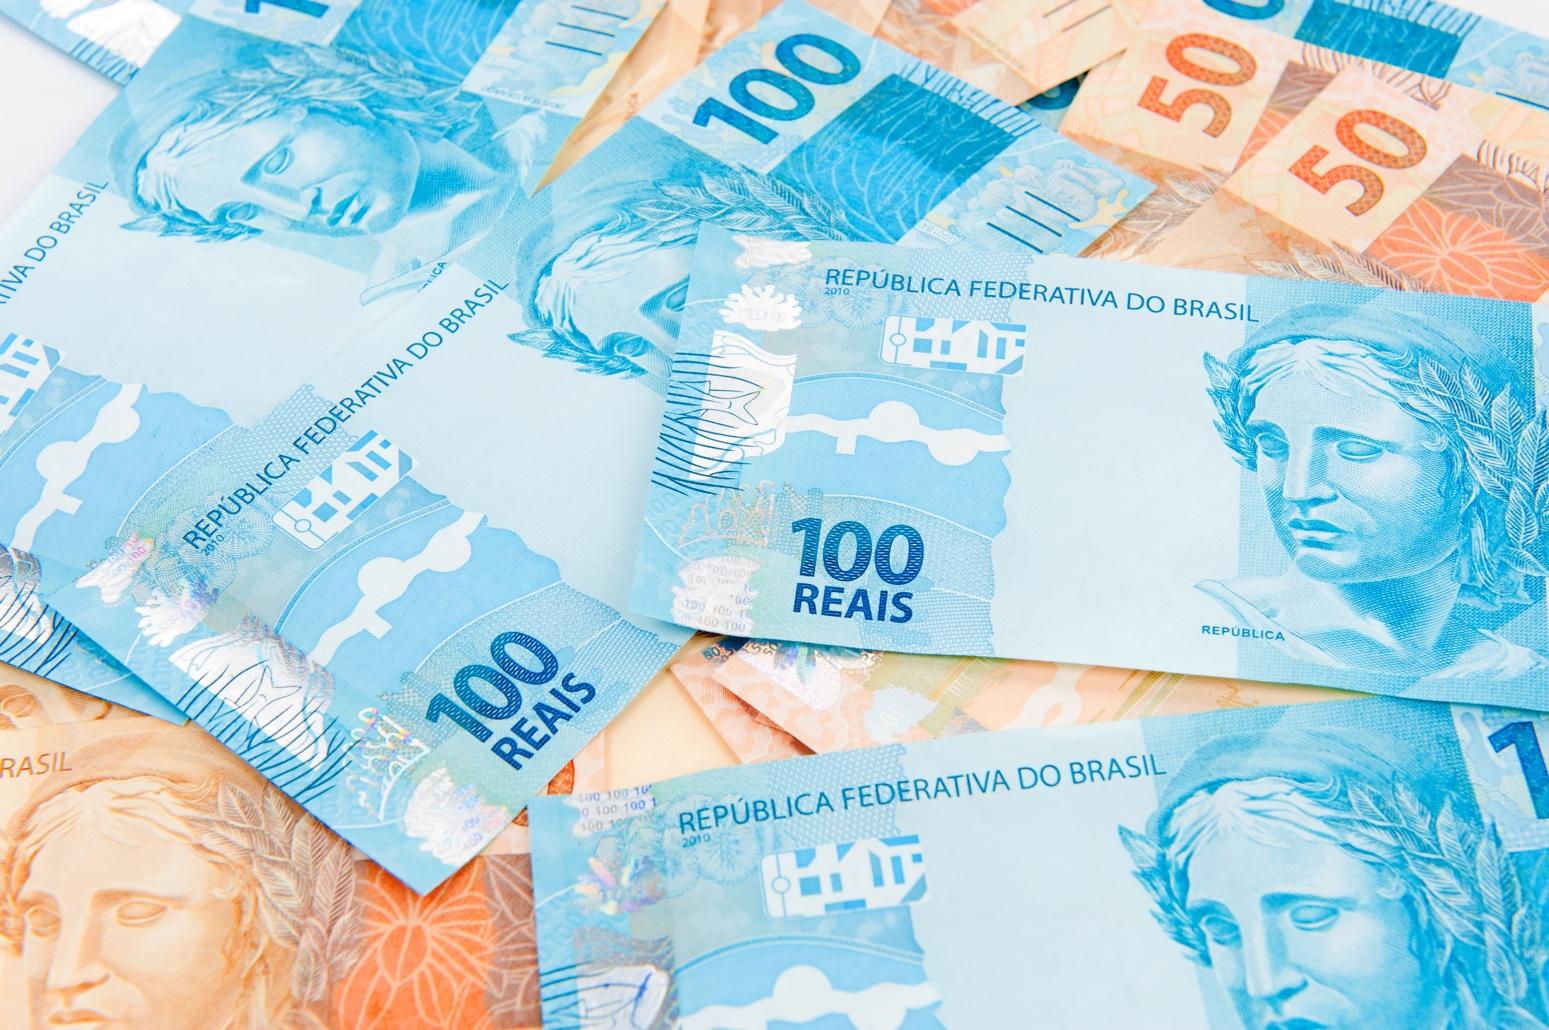 Notas de reais (dinheiro)